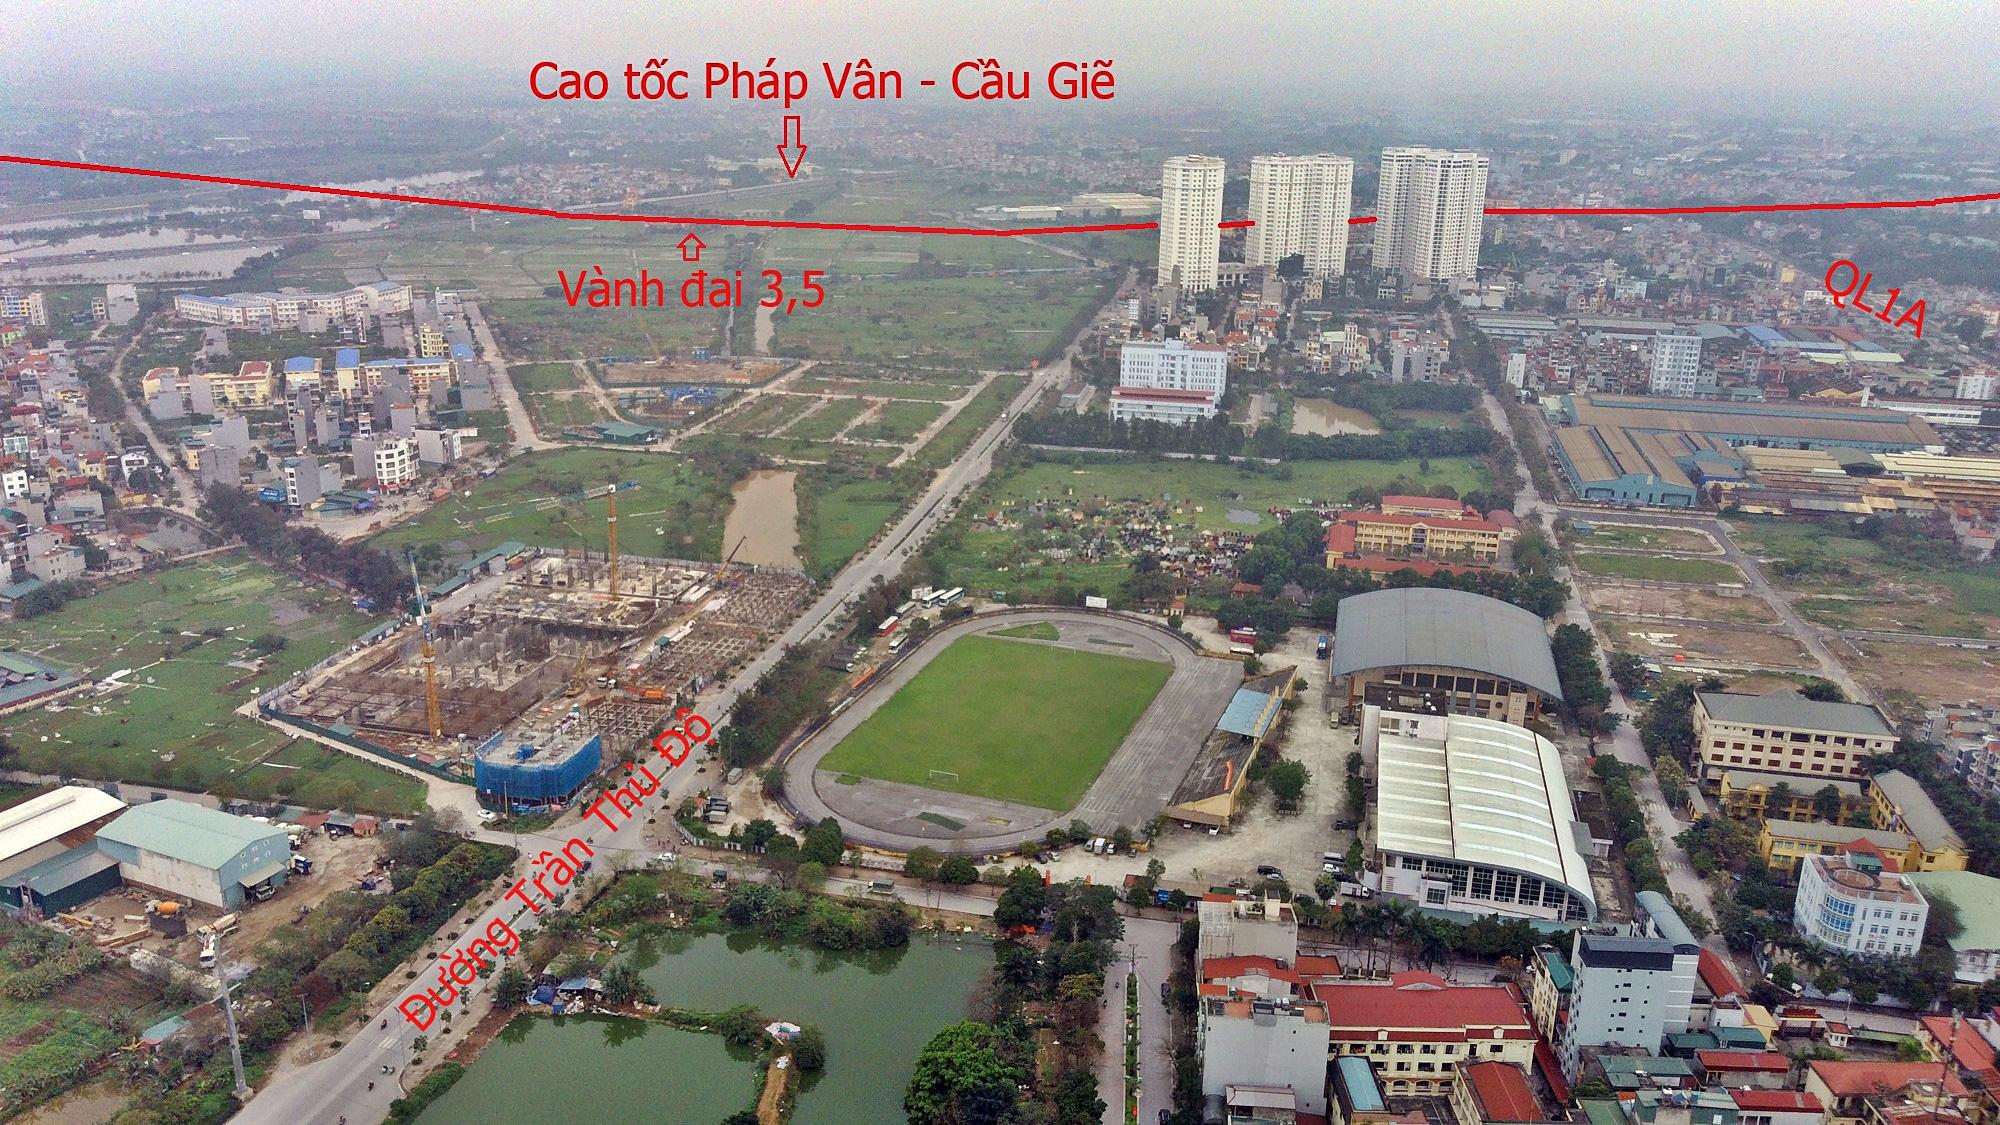 Cầu sẽ mở theo qui hoạch ở Hà Nội: Toàn cảnh cầu Ngọc Hồi nối Hà Nội với Hưng Yên - Ảnh 5.